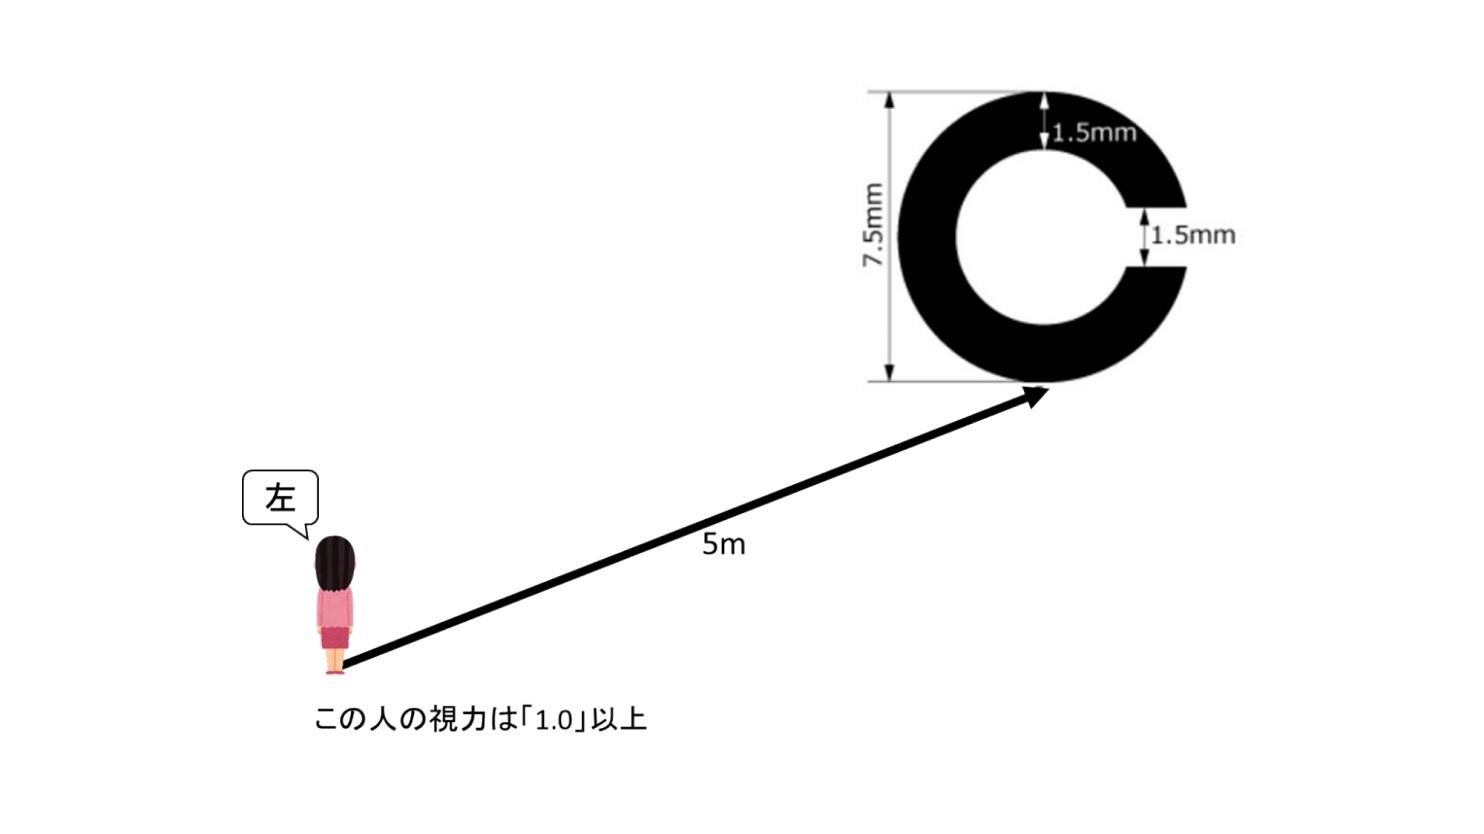 ランドルト環の図